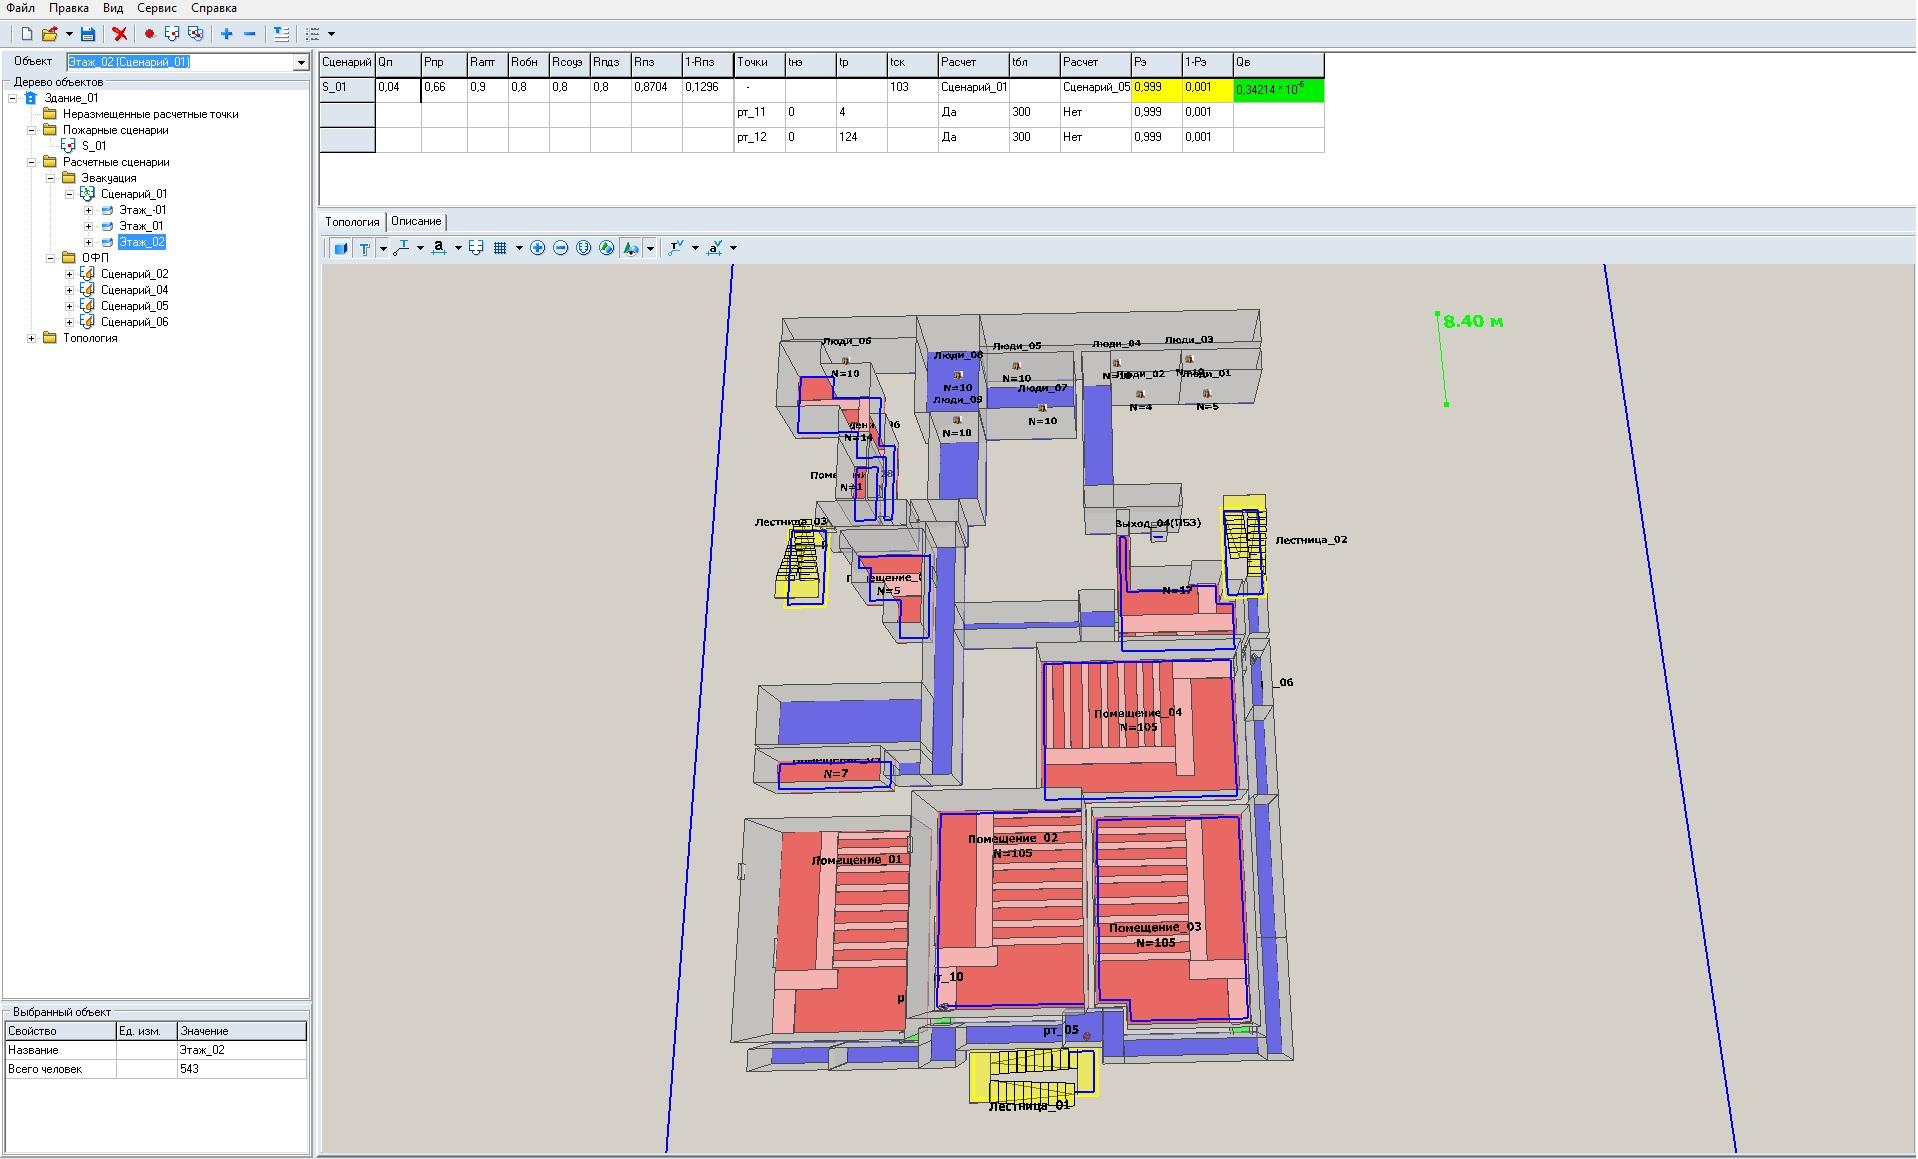 Расчеты делаются в программных приложениях. В частности, там моделируются все сценарии развития пожара в здании и по помещениям.